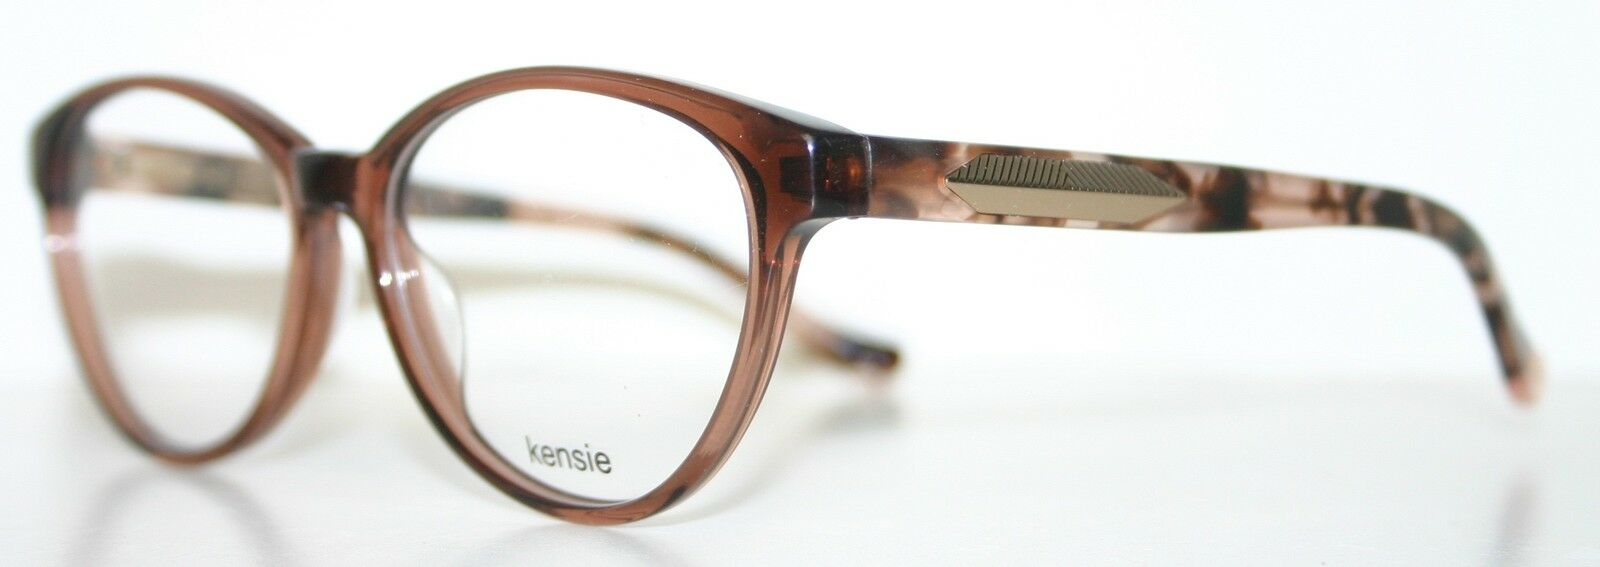 0015d879f46e Kensie Eyeglasses Stellar Brown 51mm for sale online